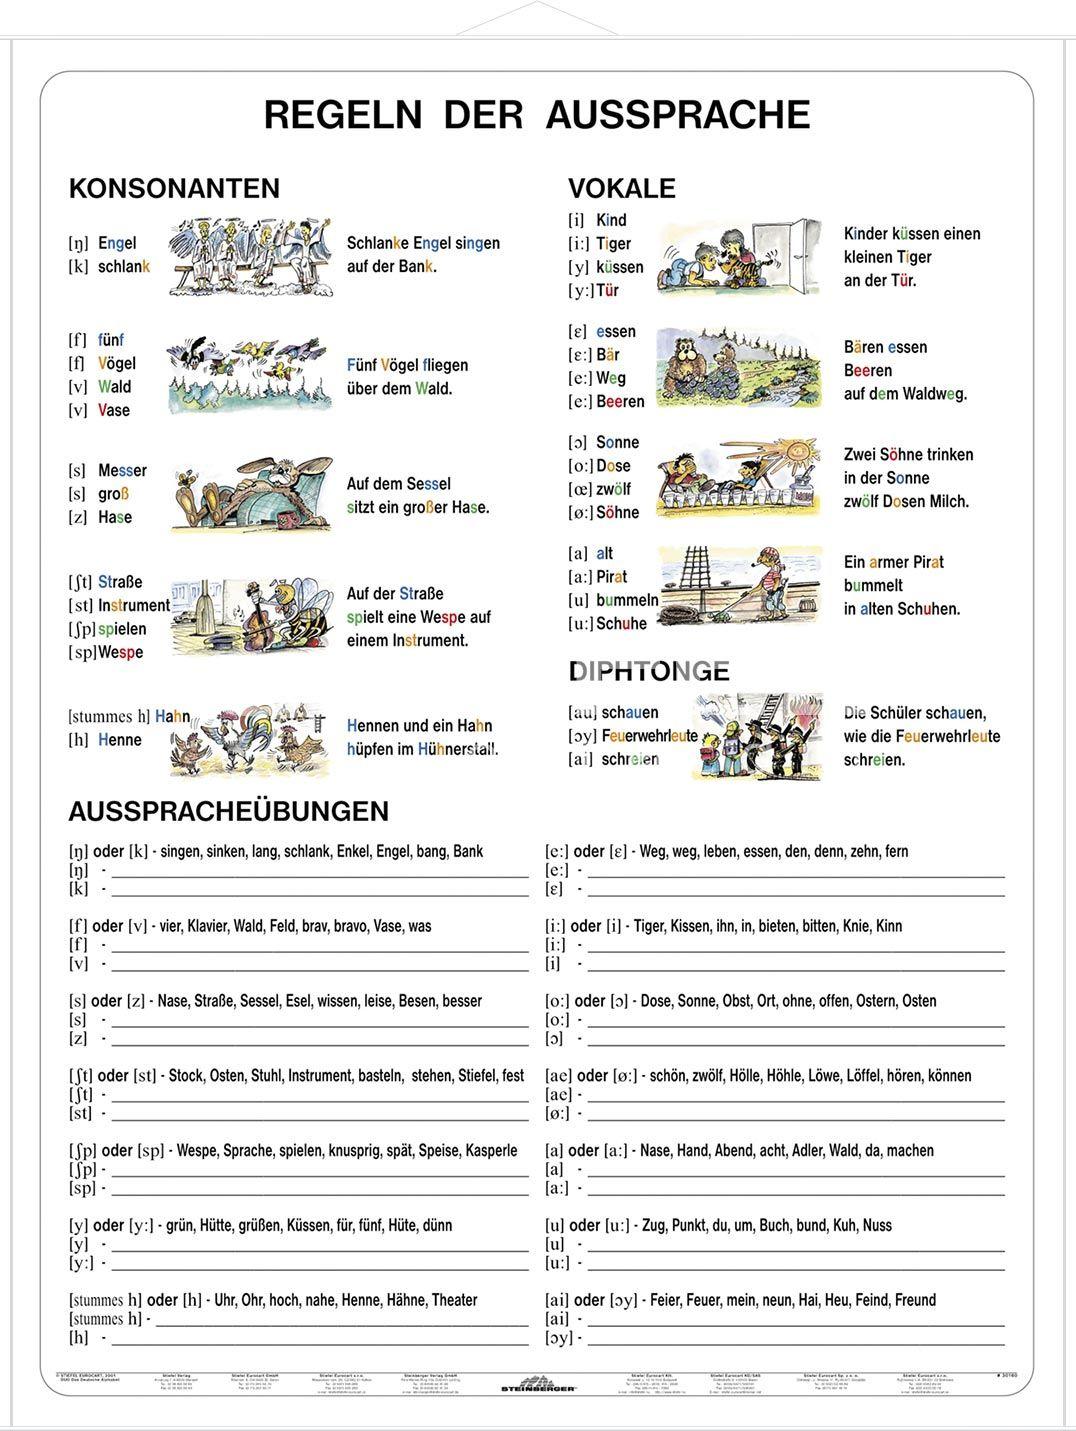 duo das deutsche alphabet regeln der aussprache